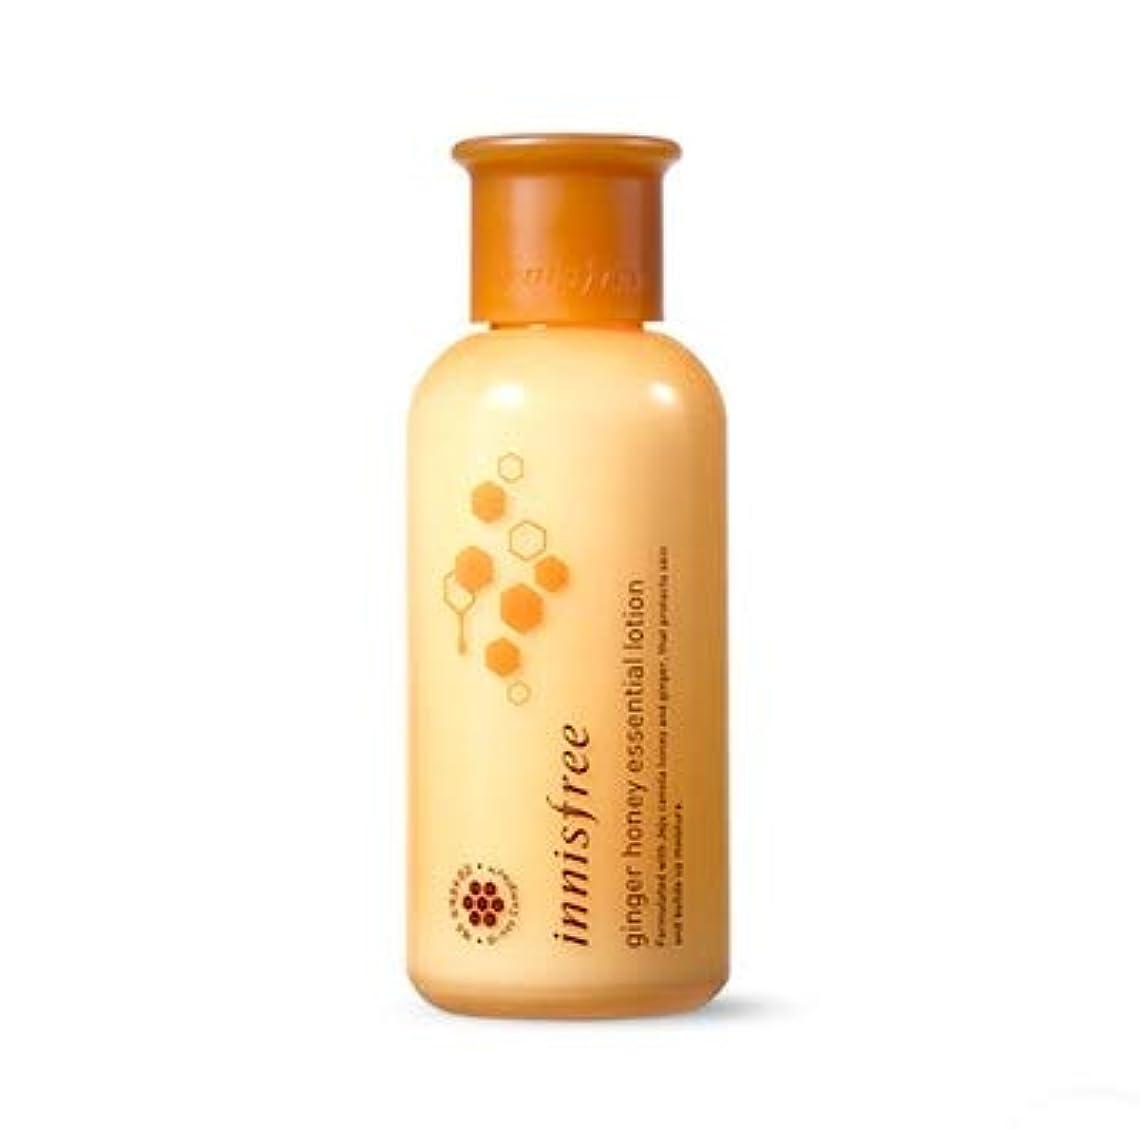 列車牧師目覚めるINNISFREE Ginger Honey Essential Lotion イニスフリー ジンジャー ハニー エッセンシャル ローション 160ml [並行輸入品]